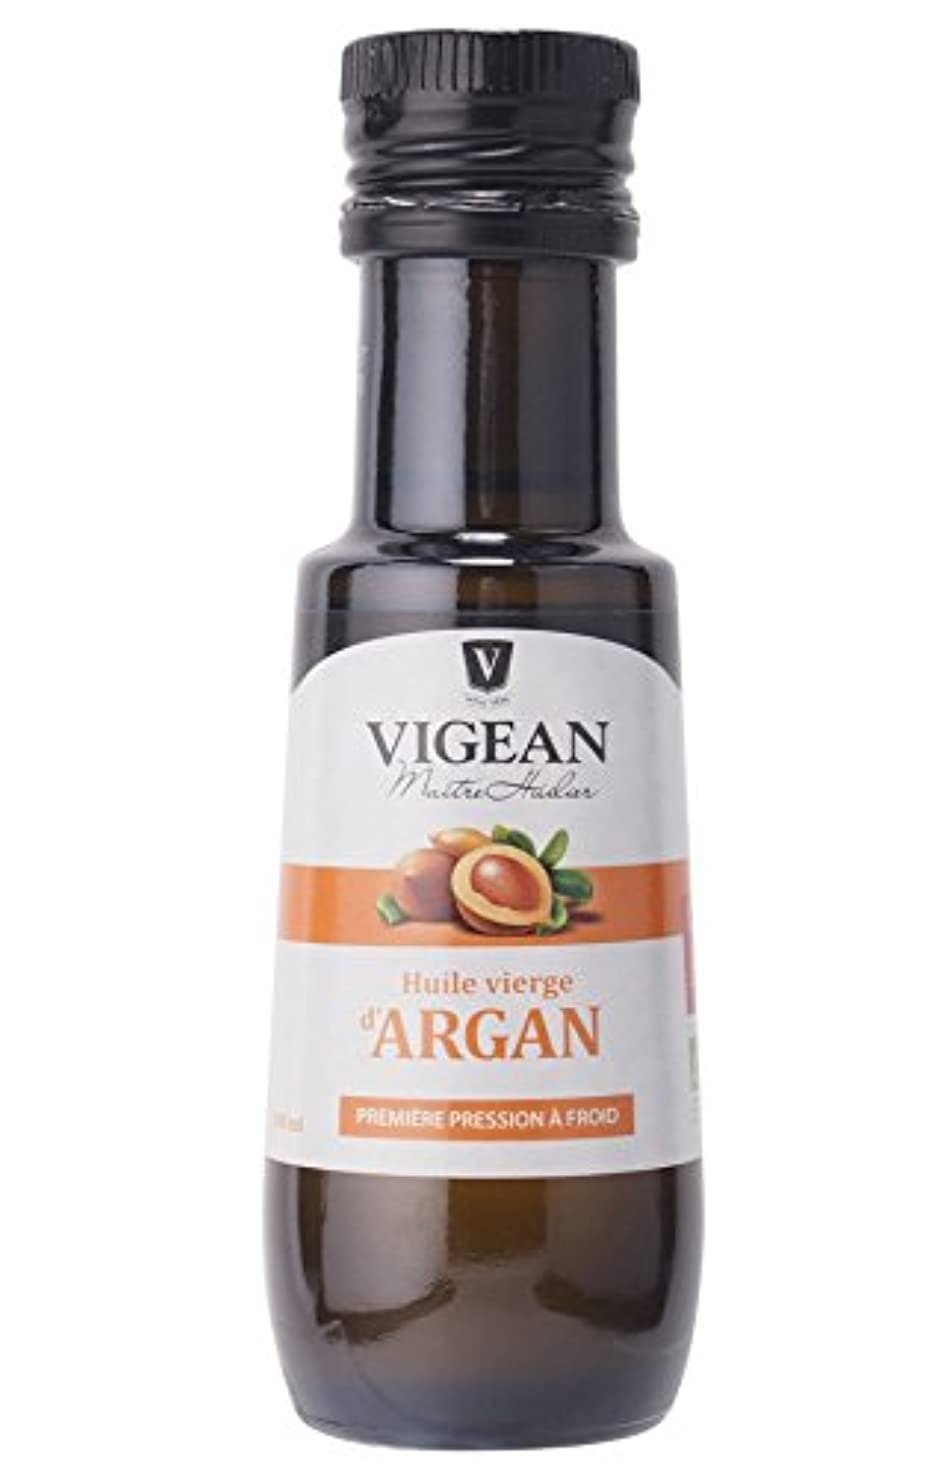 ビジュアル公爵トレーダーヴィジャン オーガニックアルガンオイル VIGEAN ORGANIC ARGAN OIL 100ML 【AB】認定 仏産